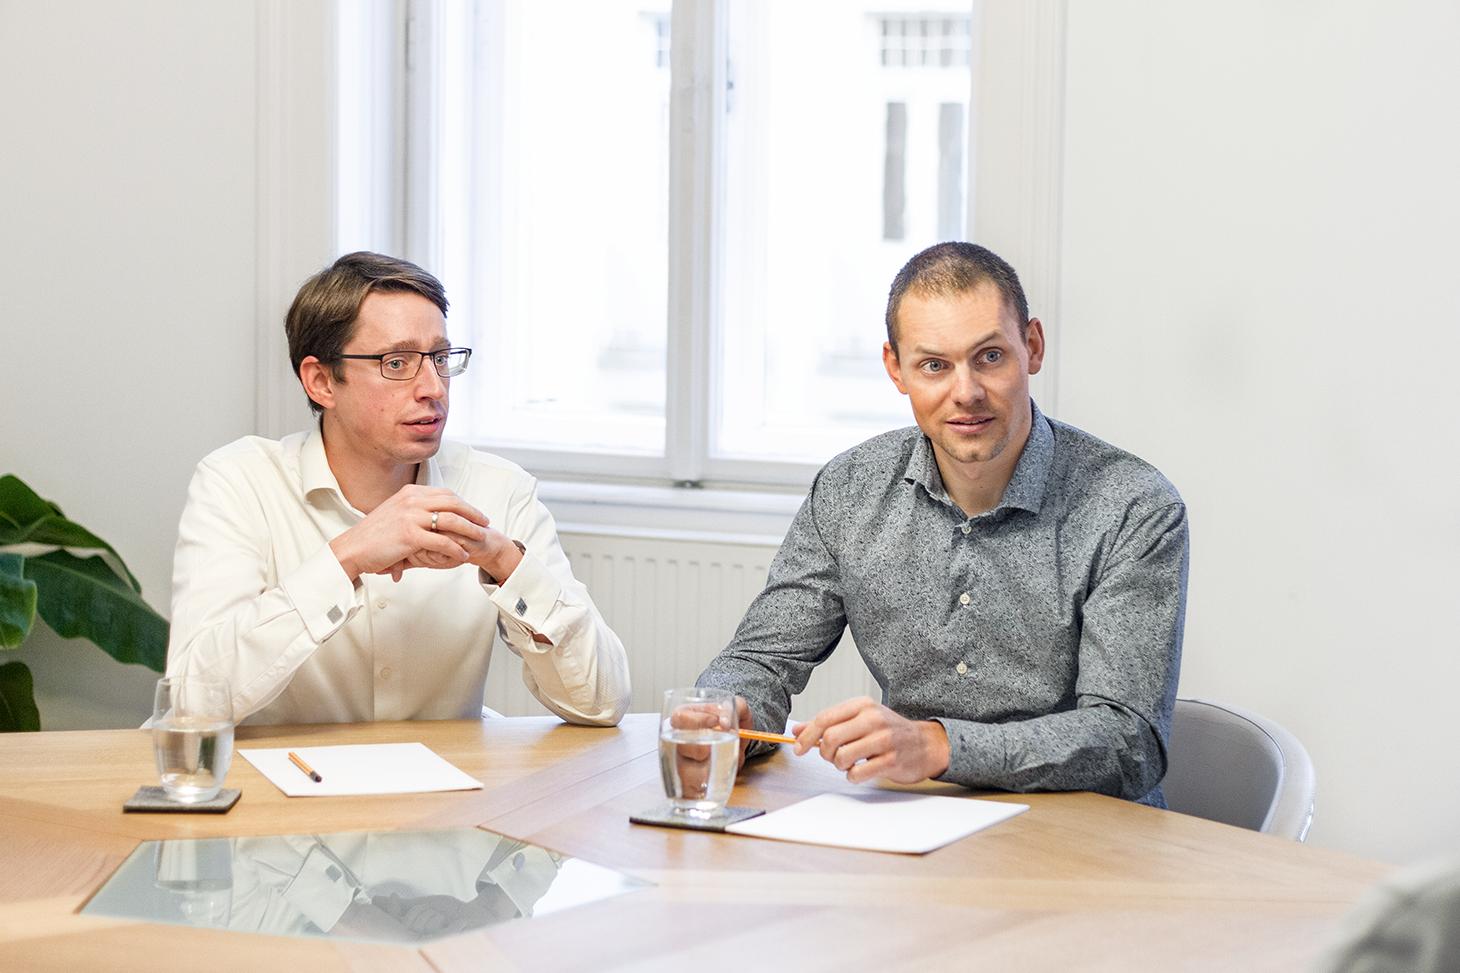 Markus Vock und Markus Dittrich im Gespräch.